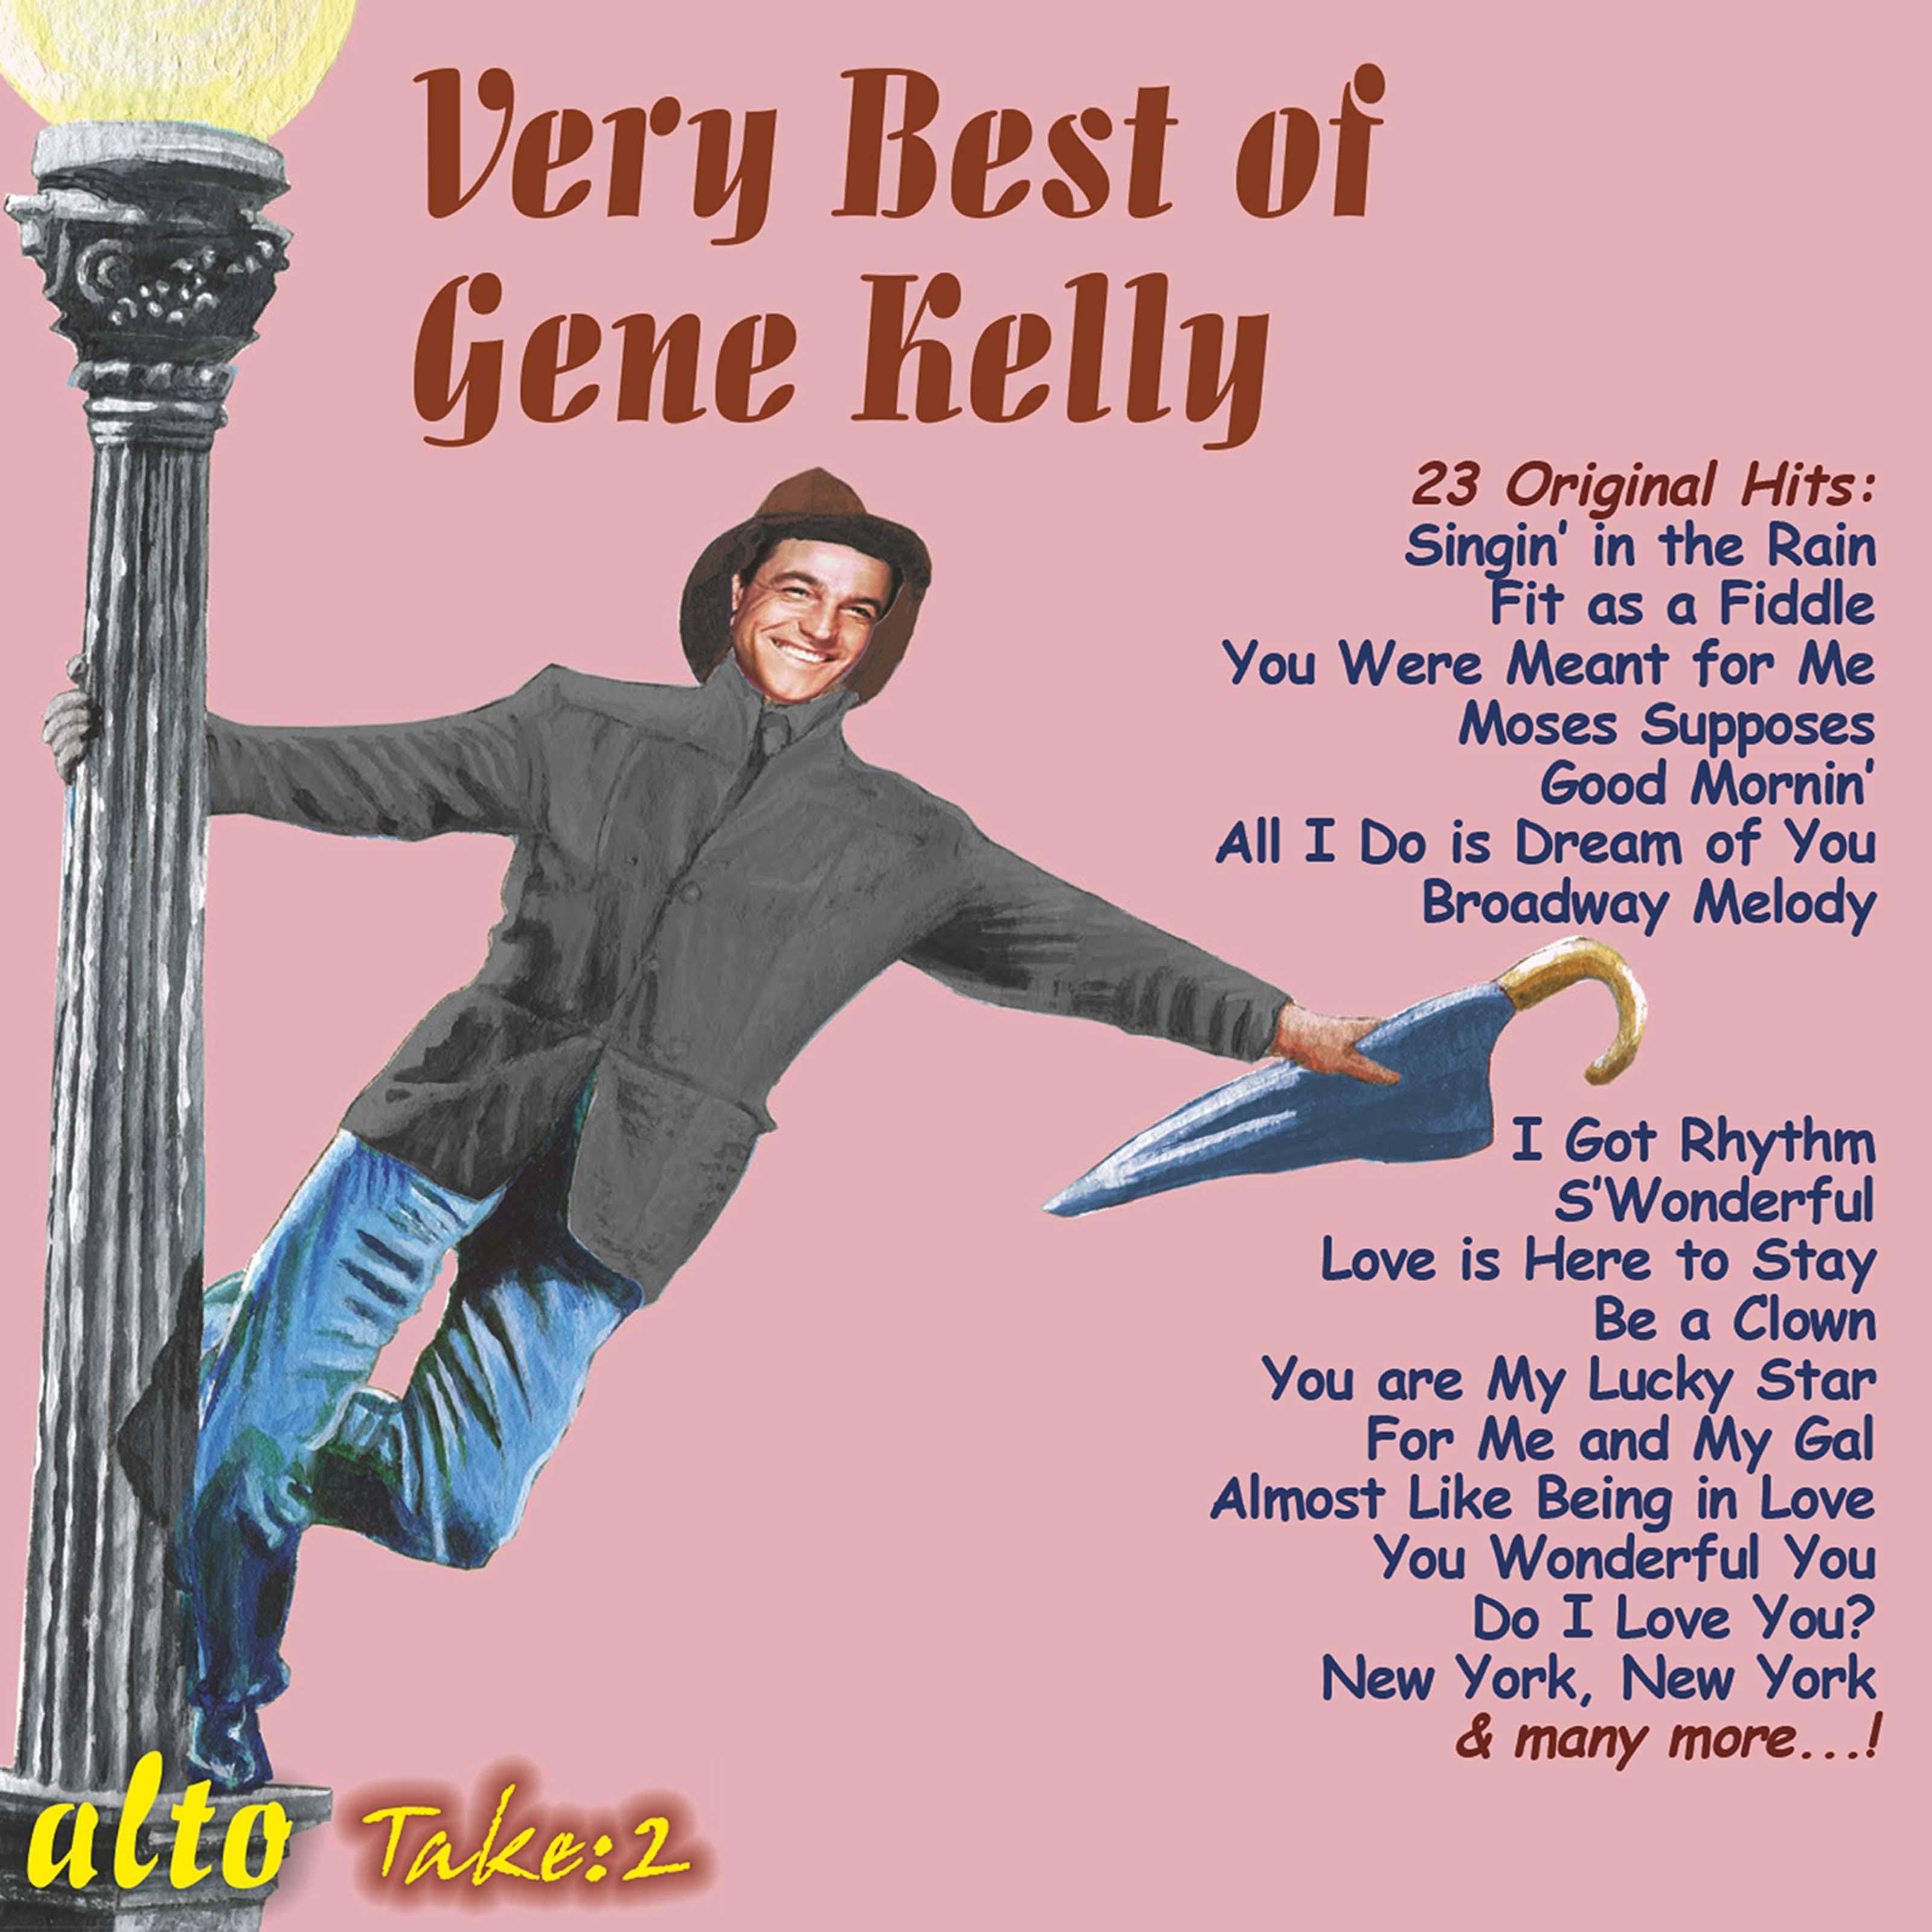 Very Best of Gene Kelly